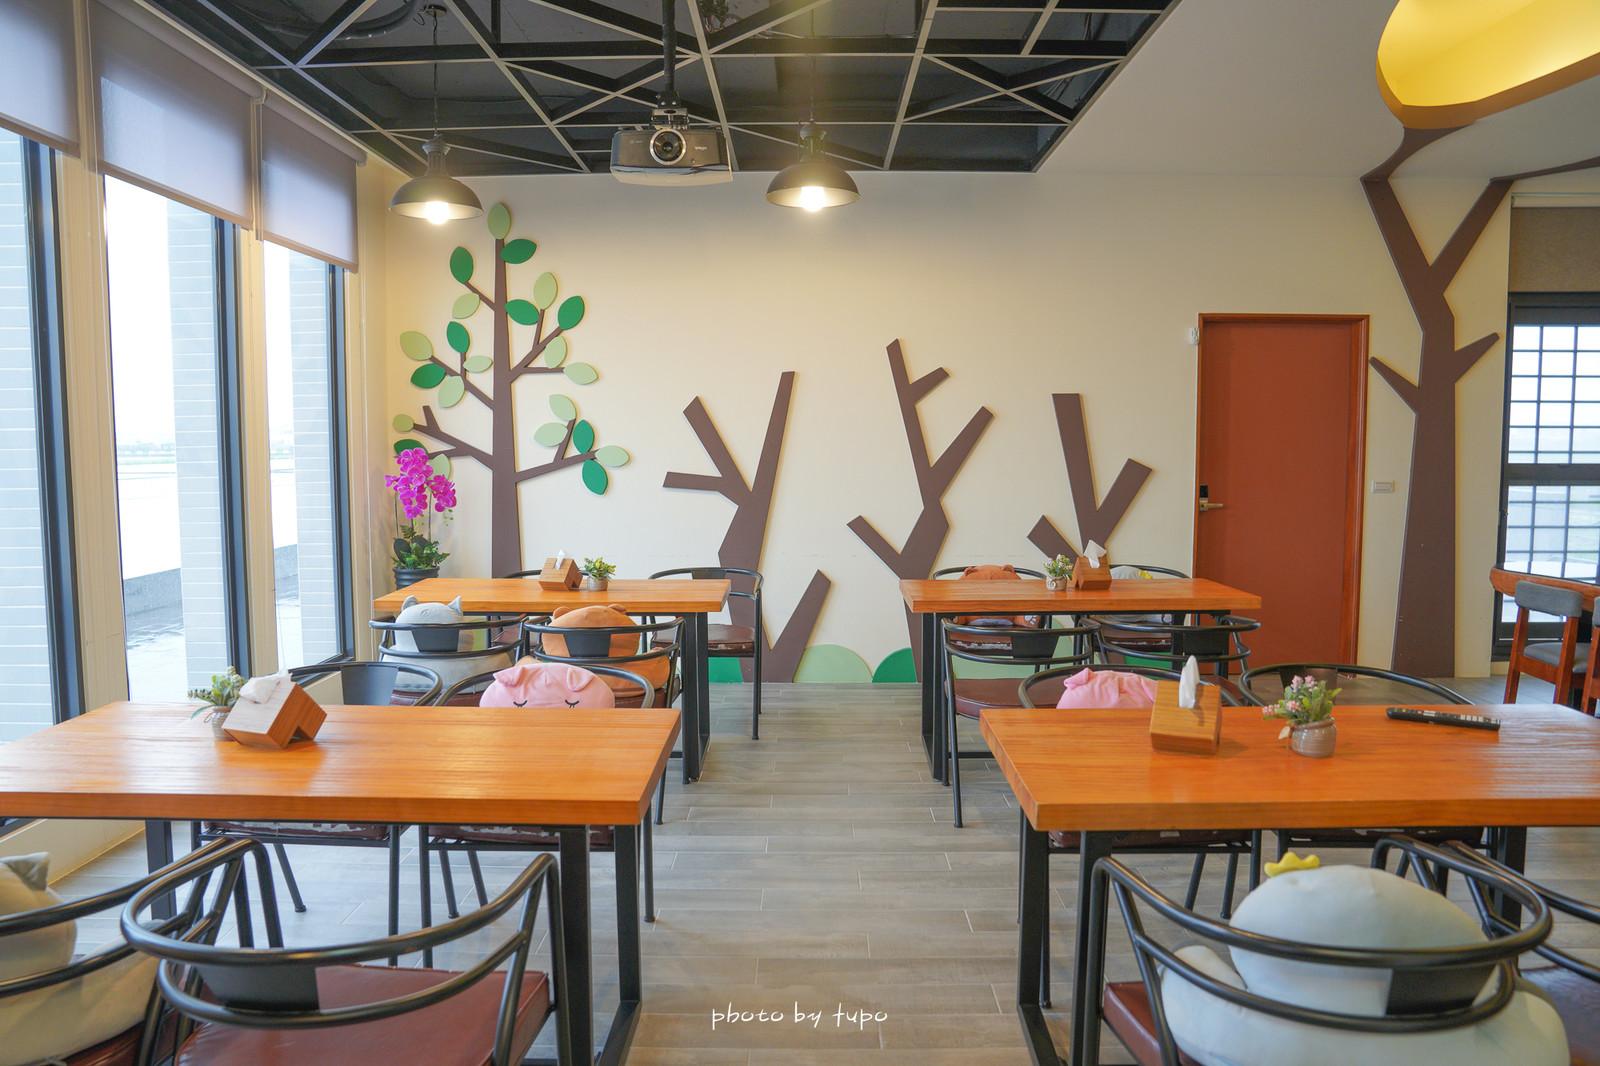 宜蘭包棟住宿》河沿悅舍之農情秘驛:田園中的獨棟包棟民宿、戲水池、烤肉區、媲美咖啡廳的大廳、兒童遊戲區。